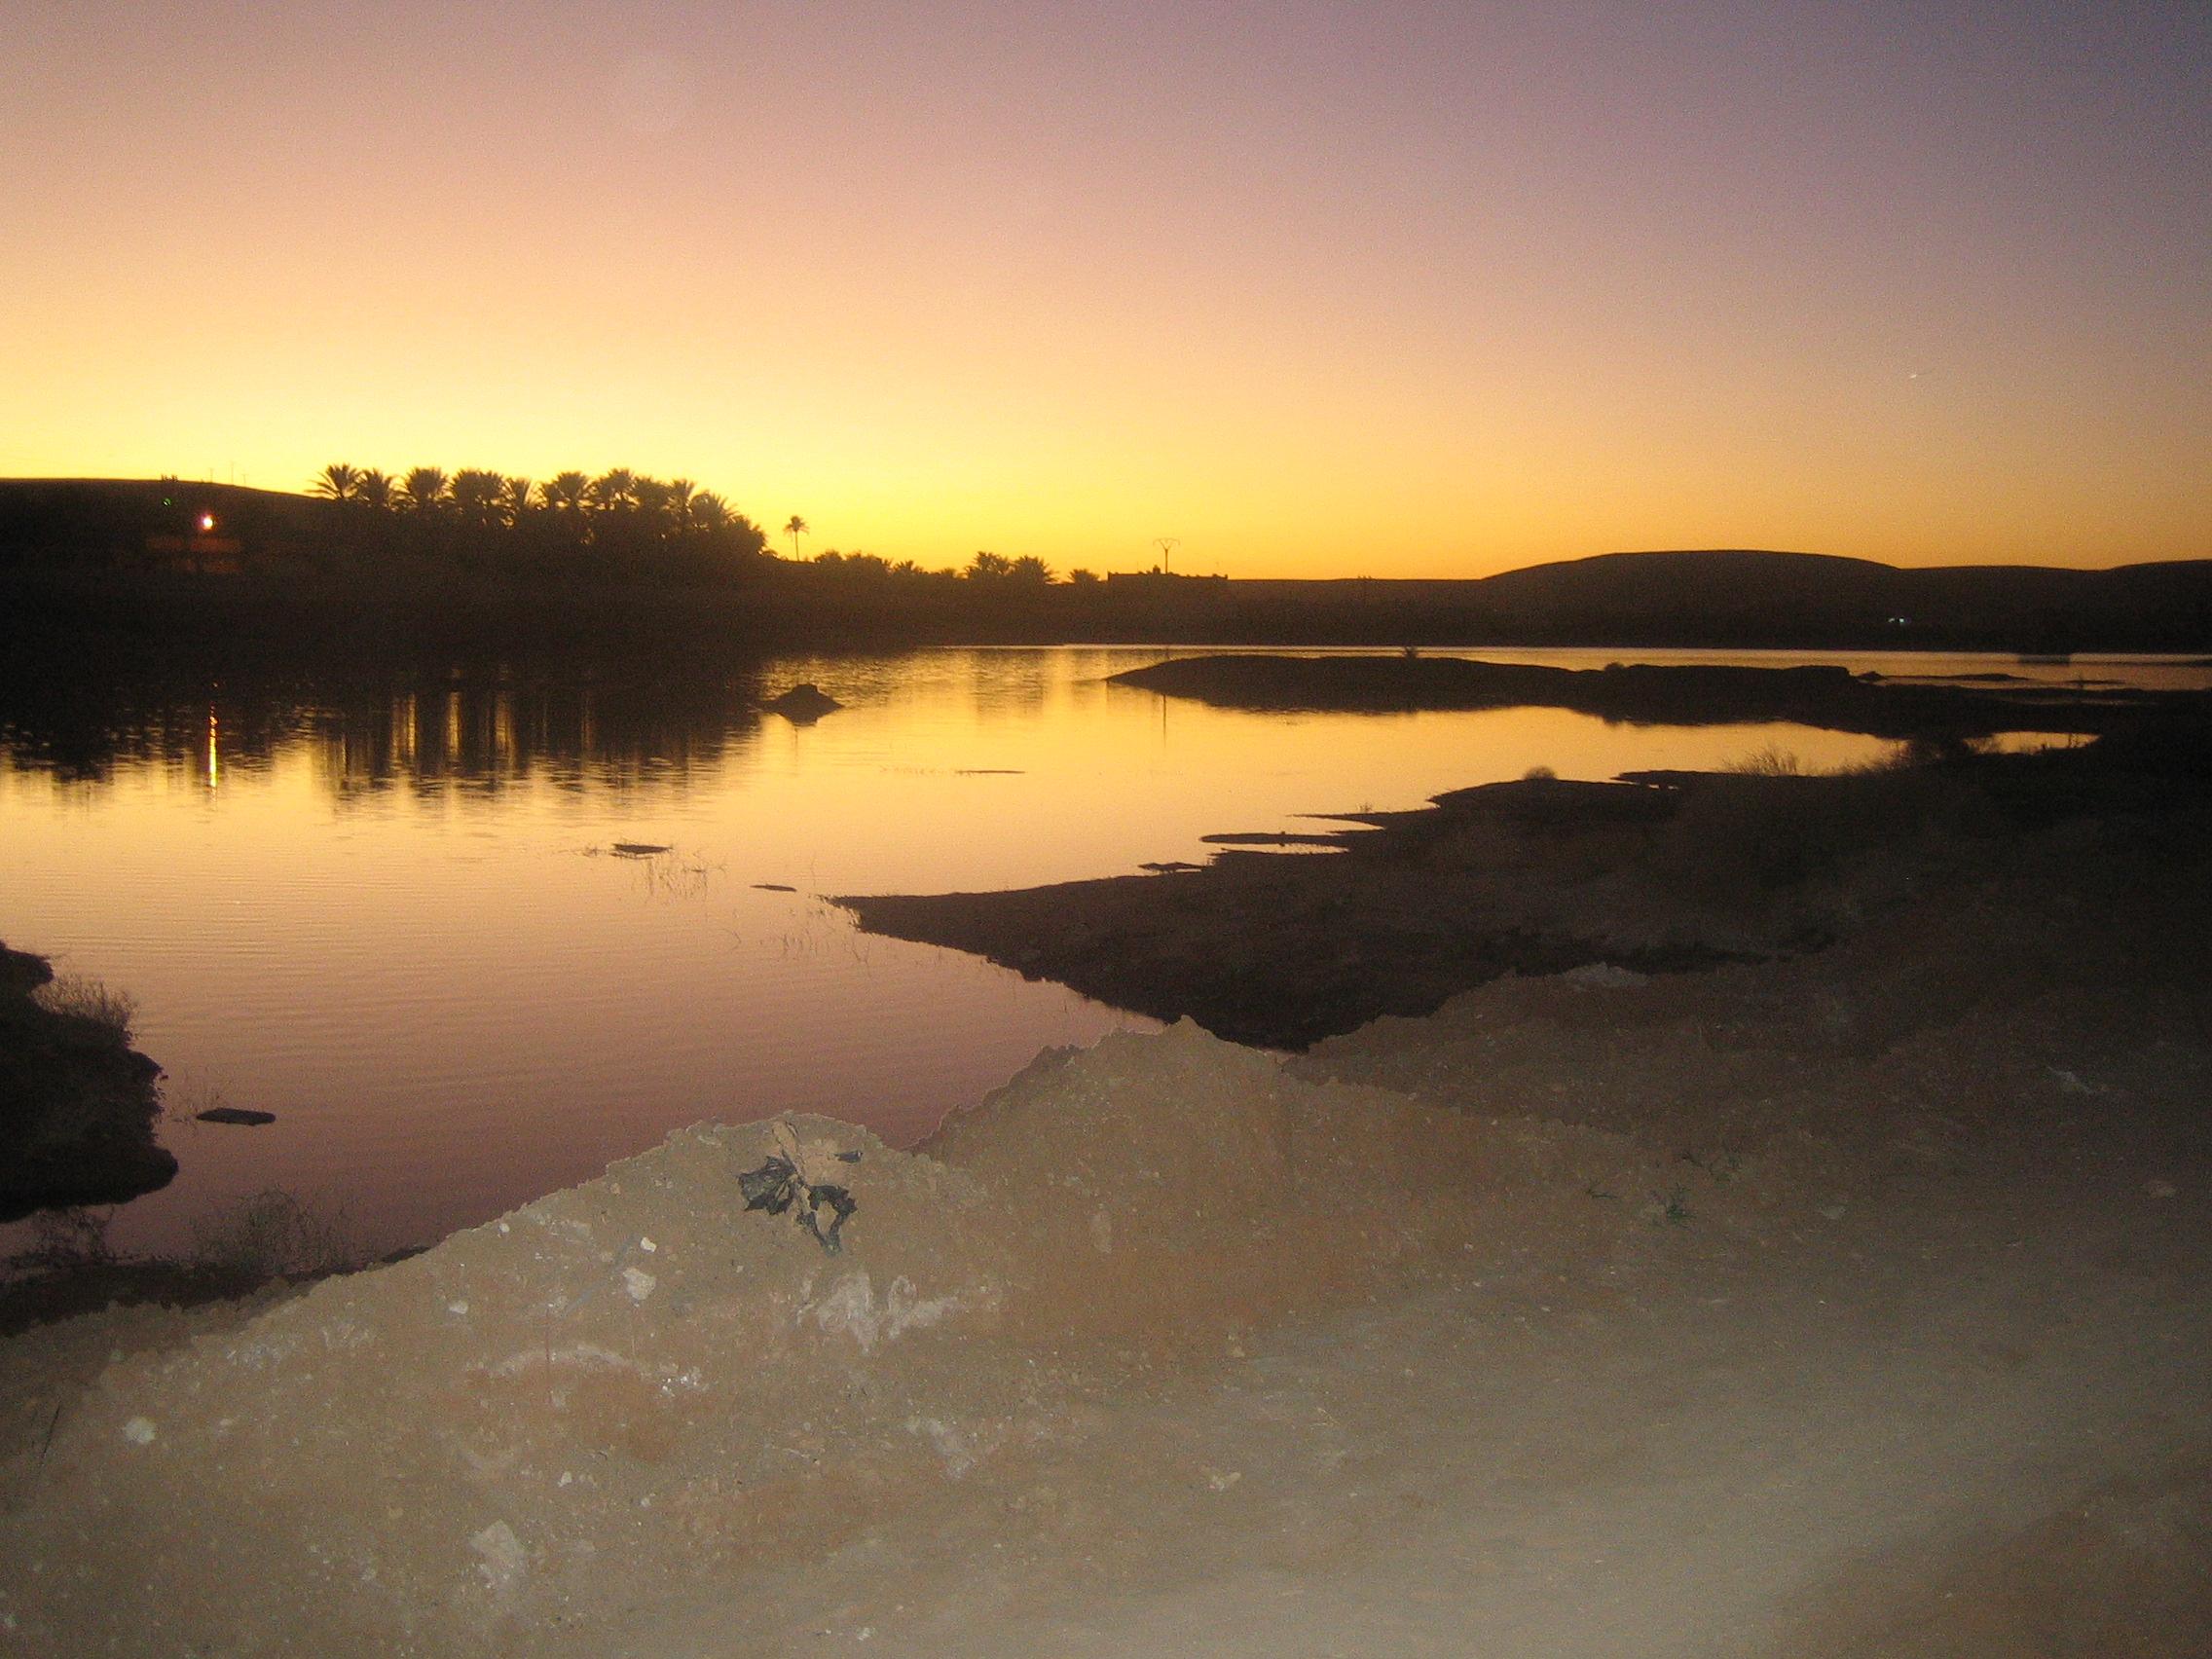 lac coucher de soleil